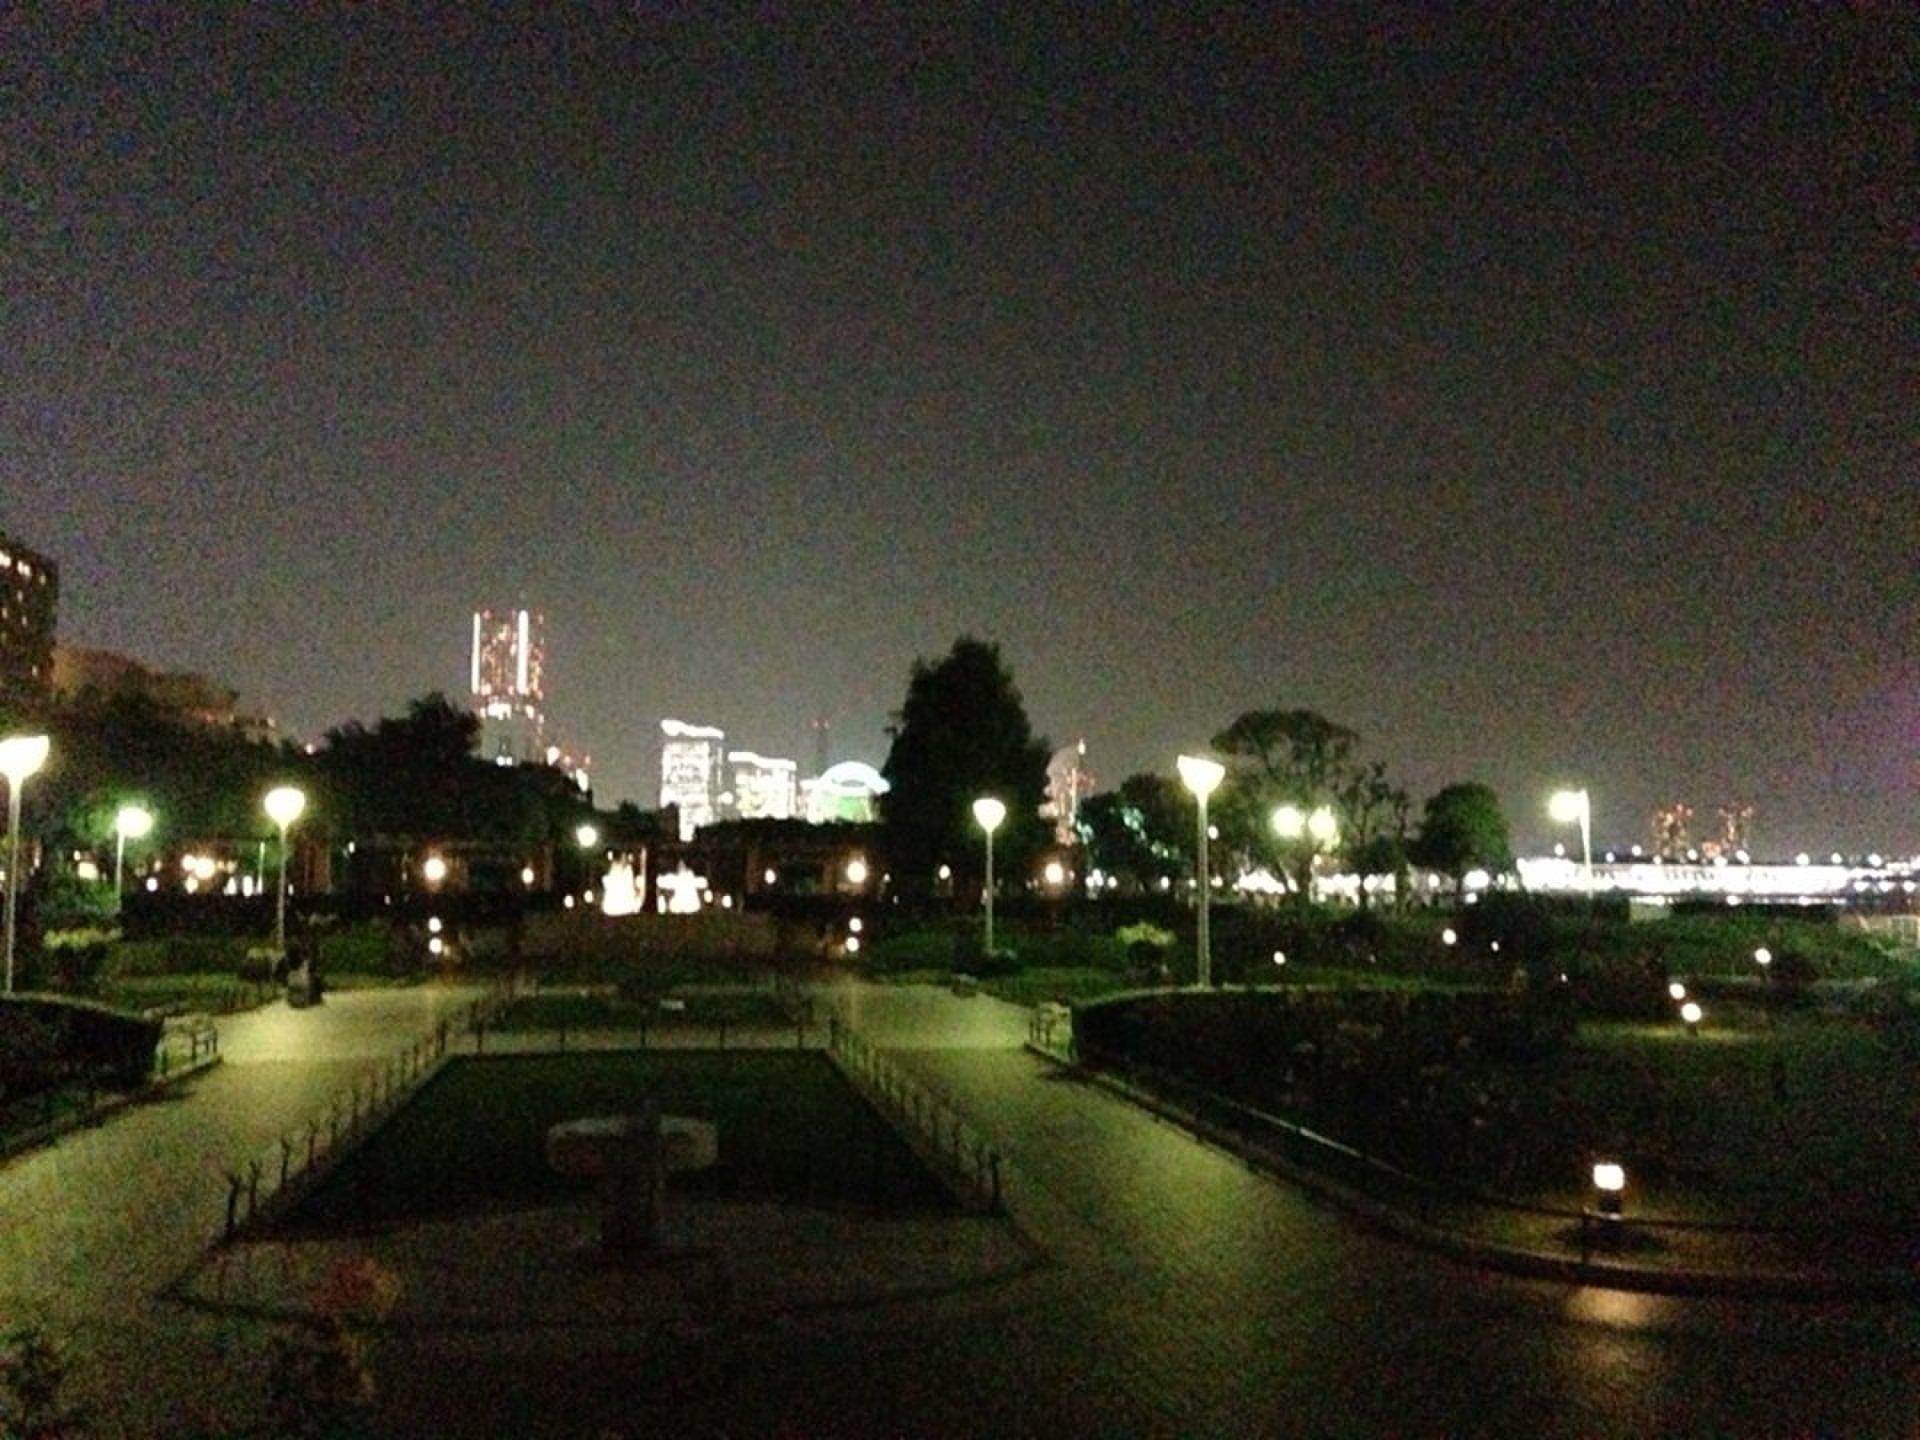 【横浜みなとみらい観光スポットを散歩】観光名所が廻れる夜景おすすめコース